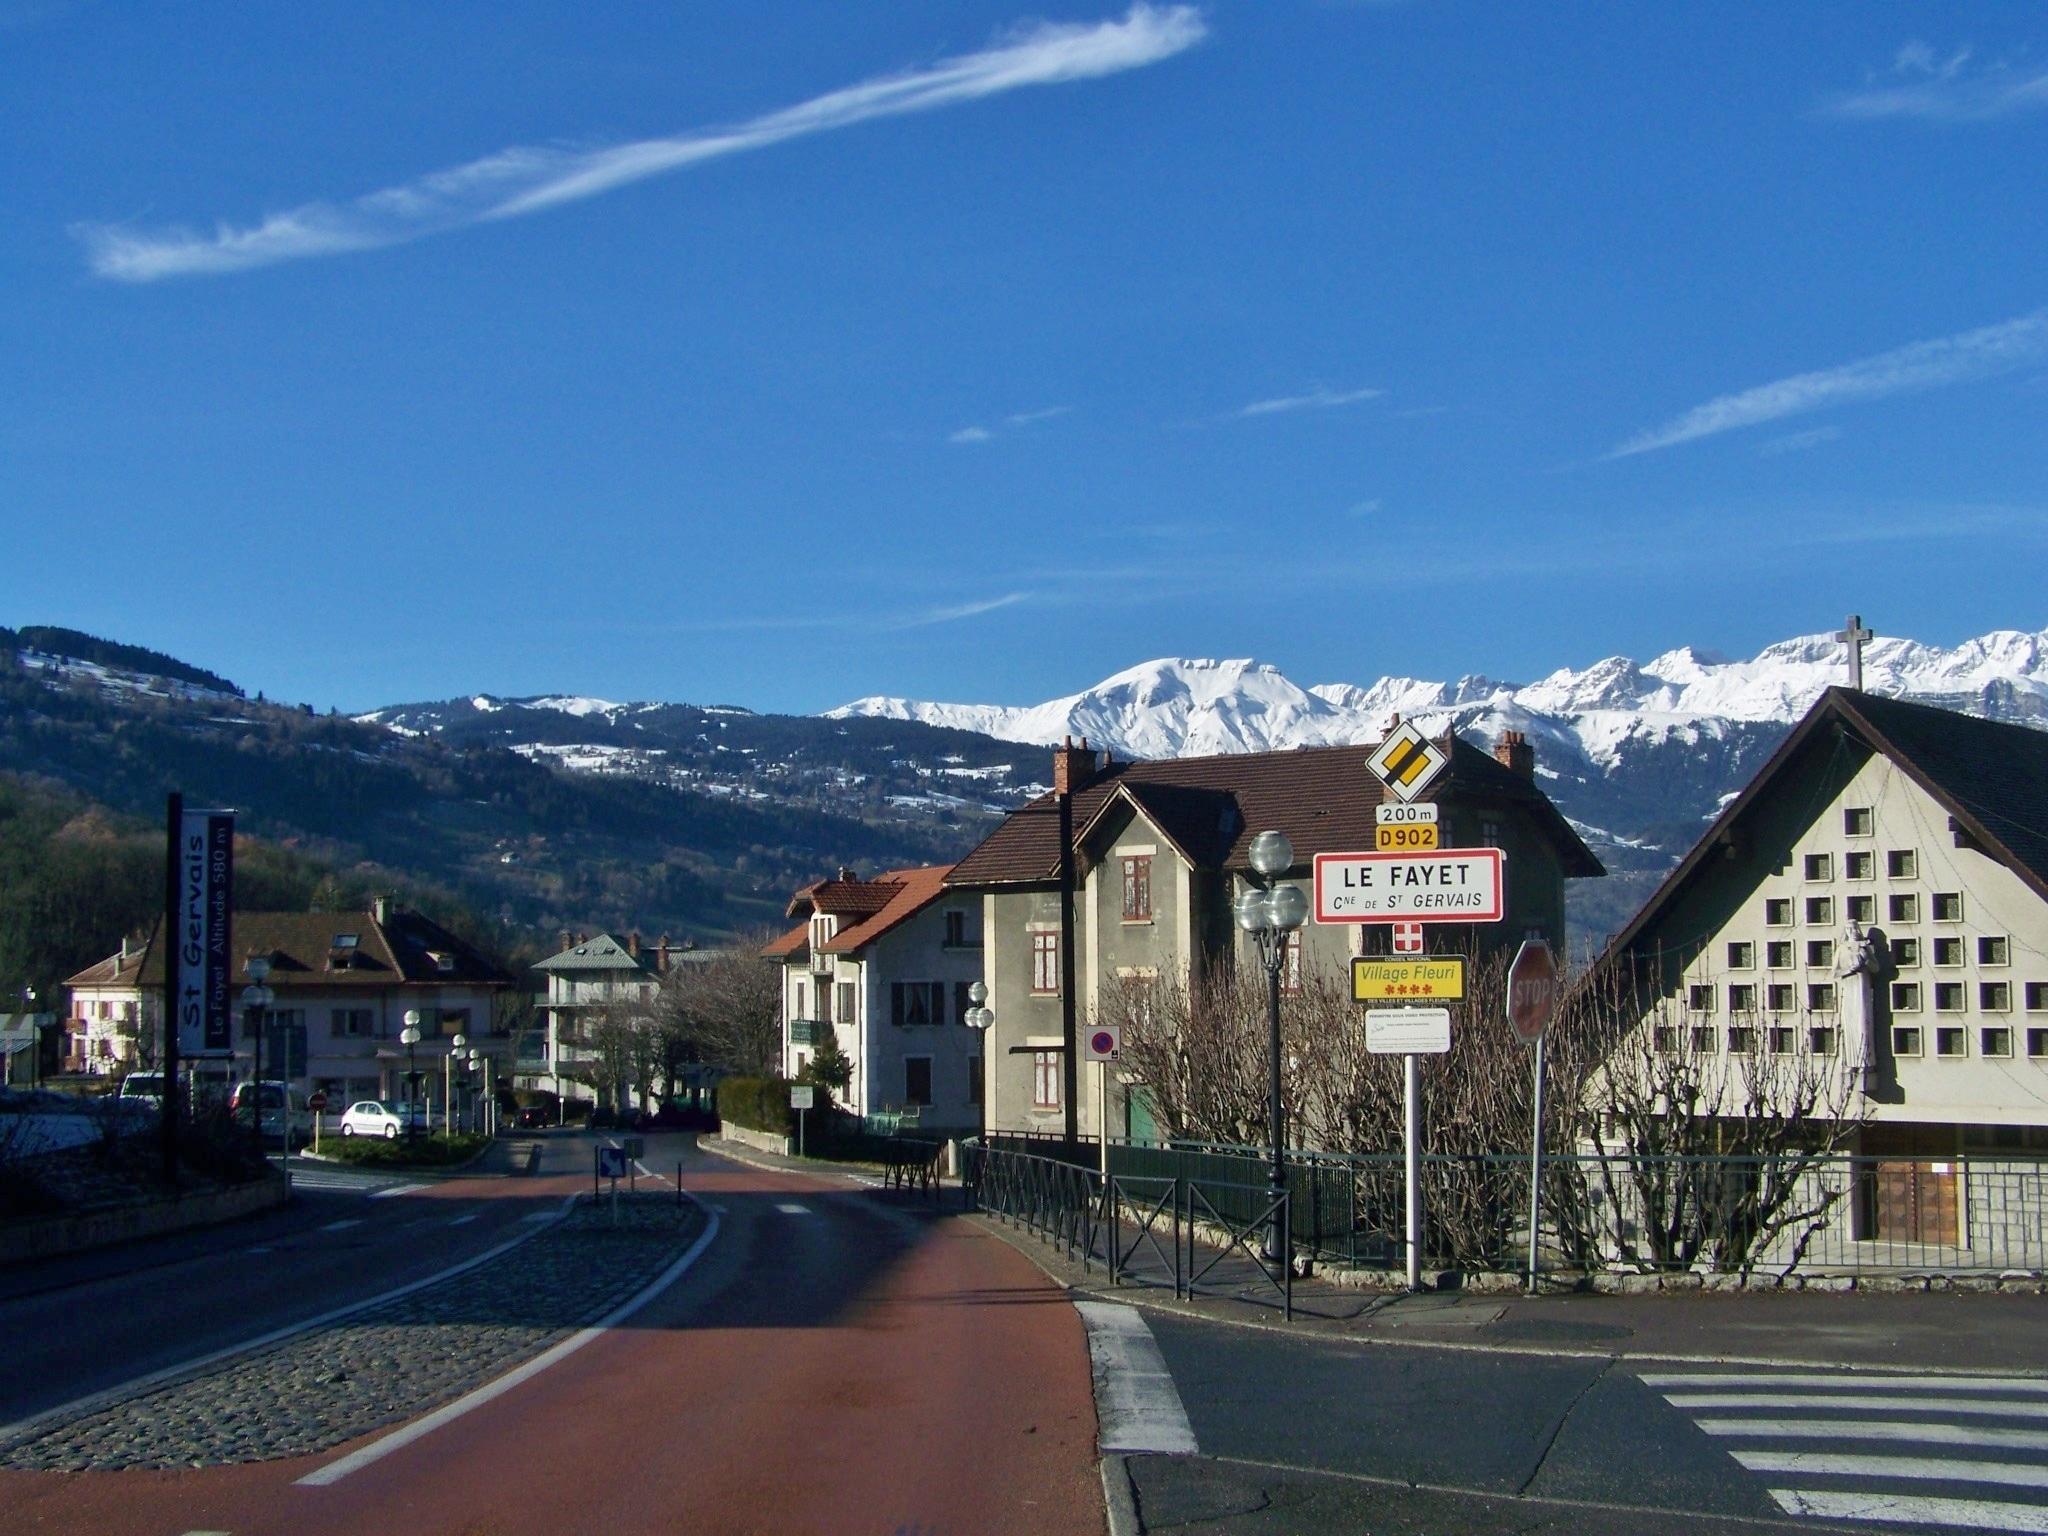 Saint-Gervais-les-Bains France  city pictures gallery : Le Fayet Saint Gervais les Bains 74 Wikimedia Commons